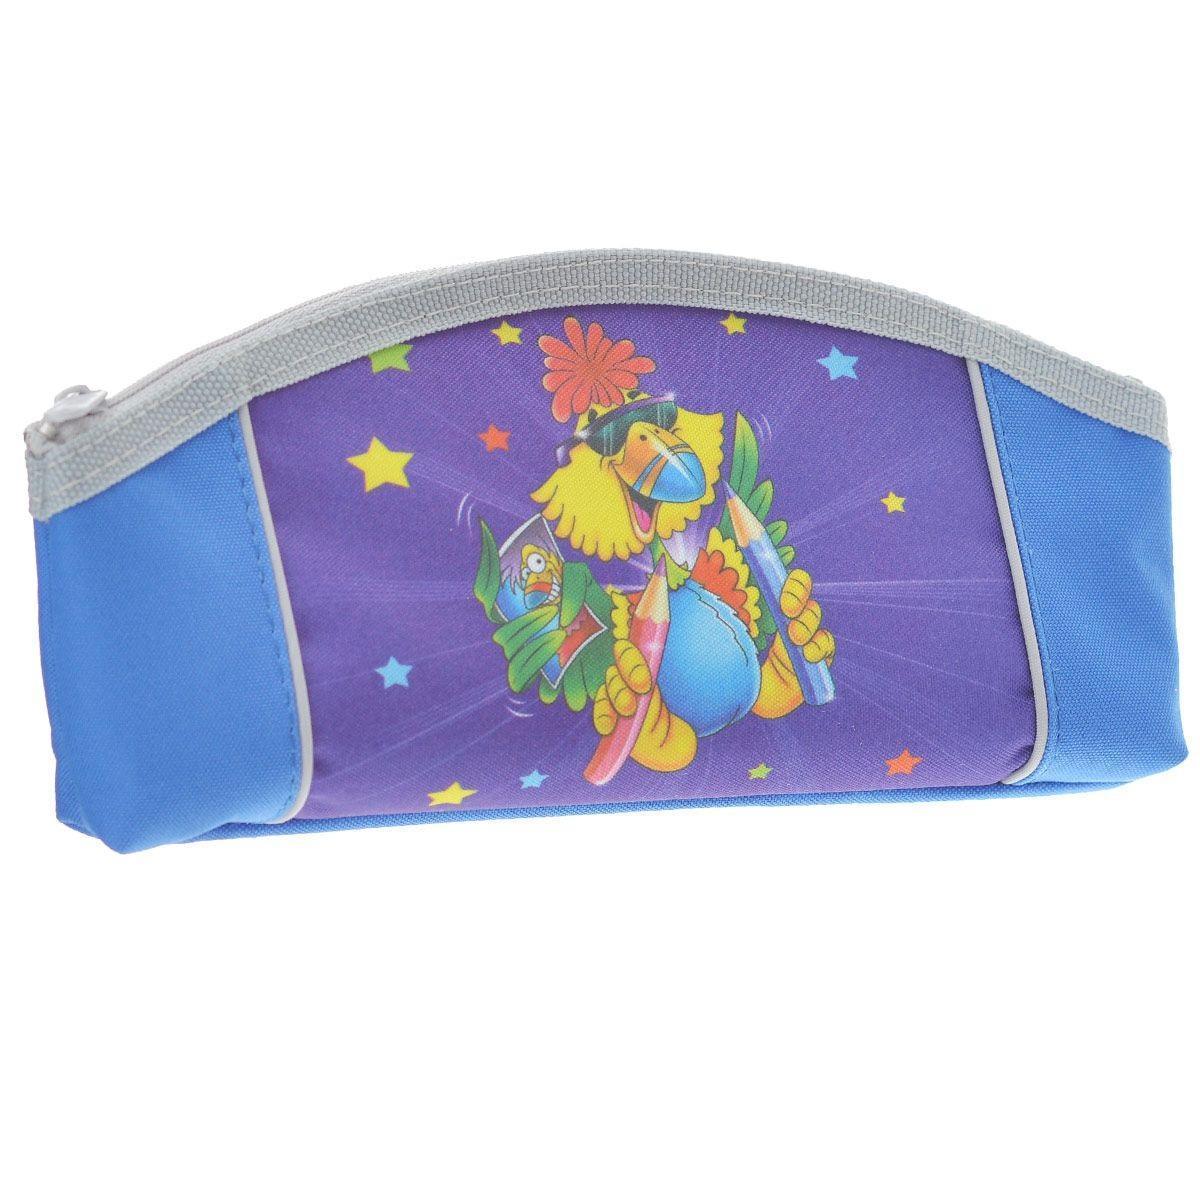 Пенал на молнии JOYFUL BIRDIE,1 отделение, без наполнения, цвет: сине-фиолетовый пенал односекционный tiger family joyful birdie цвет синий c36873